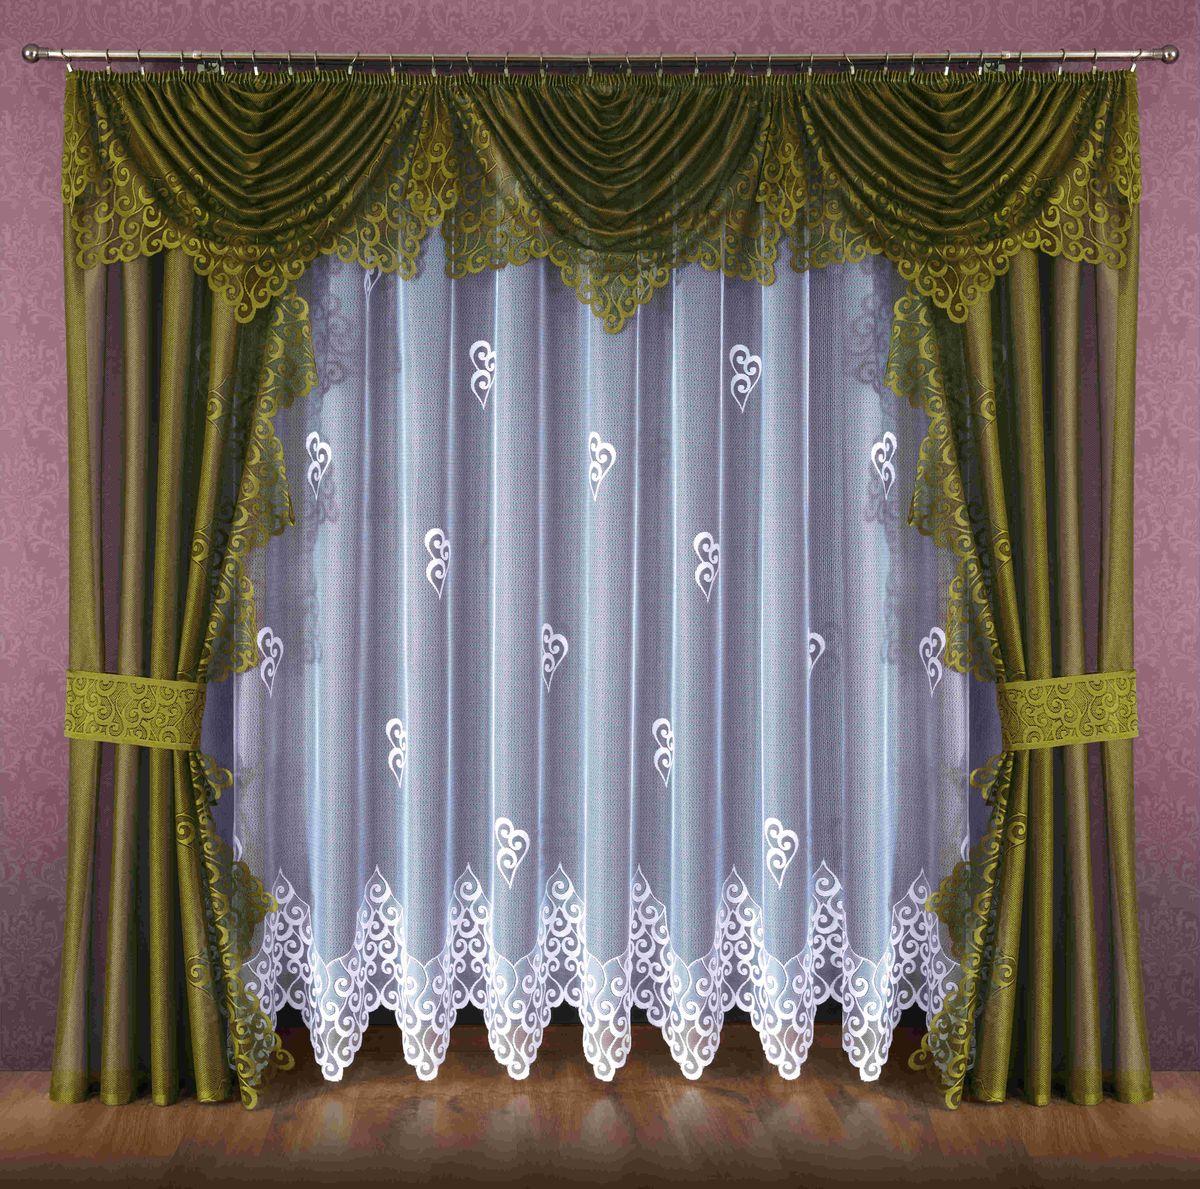 Комплект штор Wisan Ludmila, на ленте, цвет: белый, оливковый, высота 250 смсw1223V76040Комплект штор Wisan Ludmila выполненный из полиэстера, великолепно украсит любое окно. В комплект входят 2 шторы, тюль, ламбрекен и 2 подхвата. Кружевной орнамент придает комплекту особый стиль и шарм. Тонкое плетение, нежная цветовая гамма и роскошное исполнение - все это делает шторы Wisan Ludmila замечательным дополнением интерьера помещения.Комплект оснащен шторной лентой для красивой сборки. В комплект входит: Штора - 2 шт. Размер (ШхВ): 140 см х 250 см.Тюль - 1 шт. Размер (ШхВ): 400 см х 250 см. Ламбрекен - 1 шт. Размер (ШхВ): 440 см х 135 см. Подхват - 2 шт.Фирма Wisan на польском рынке существует уже более пятидесяти лет и является одной из лучших польских фабрик по производству штор и тканей. Ассортимент фирмы представлен готовыми комплектами штор для гостиной, детской, кухни, а также текстилем для кухни (скатерти, салфетки, дорожки, кухонные занавески). Модельный ряд отличает оригинальный дизайн, высокое качество. Ассортимент продукции постоянно пополняется.